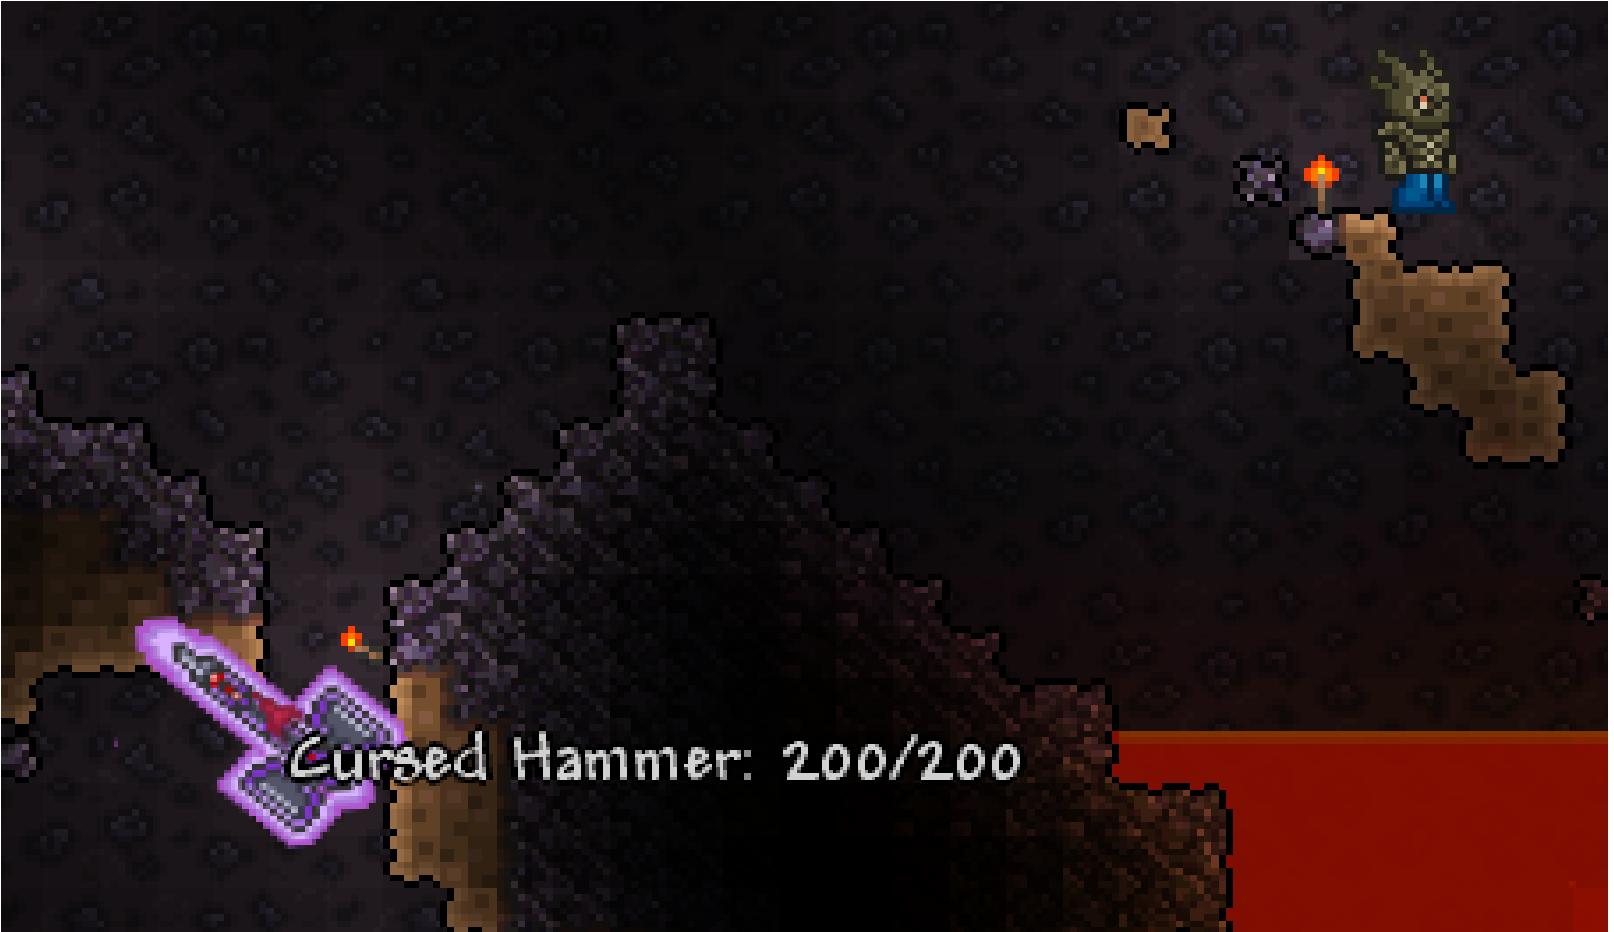 Cursed Hammer